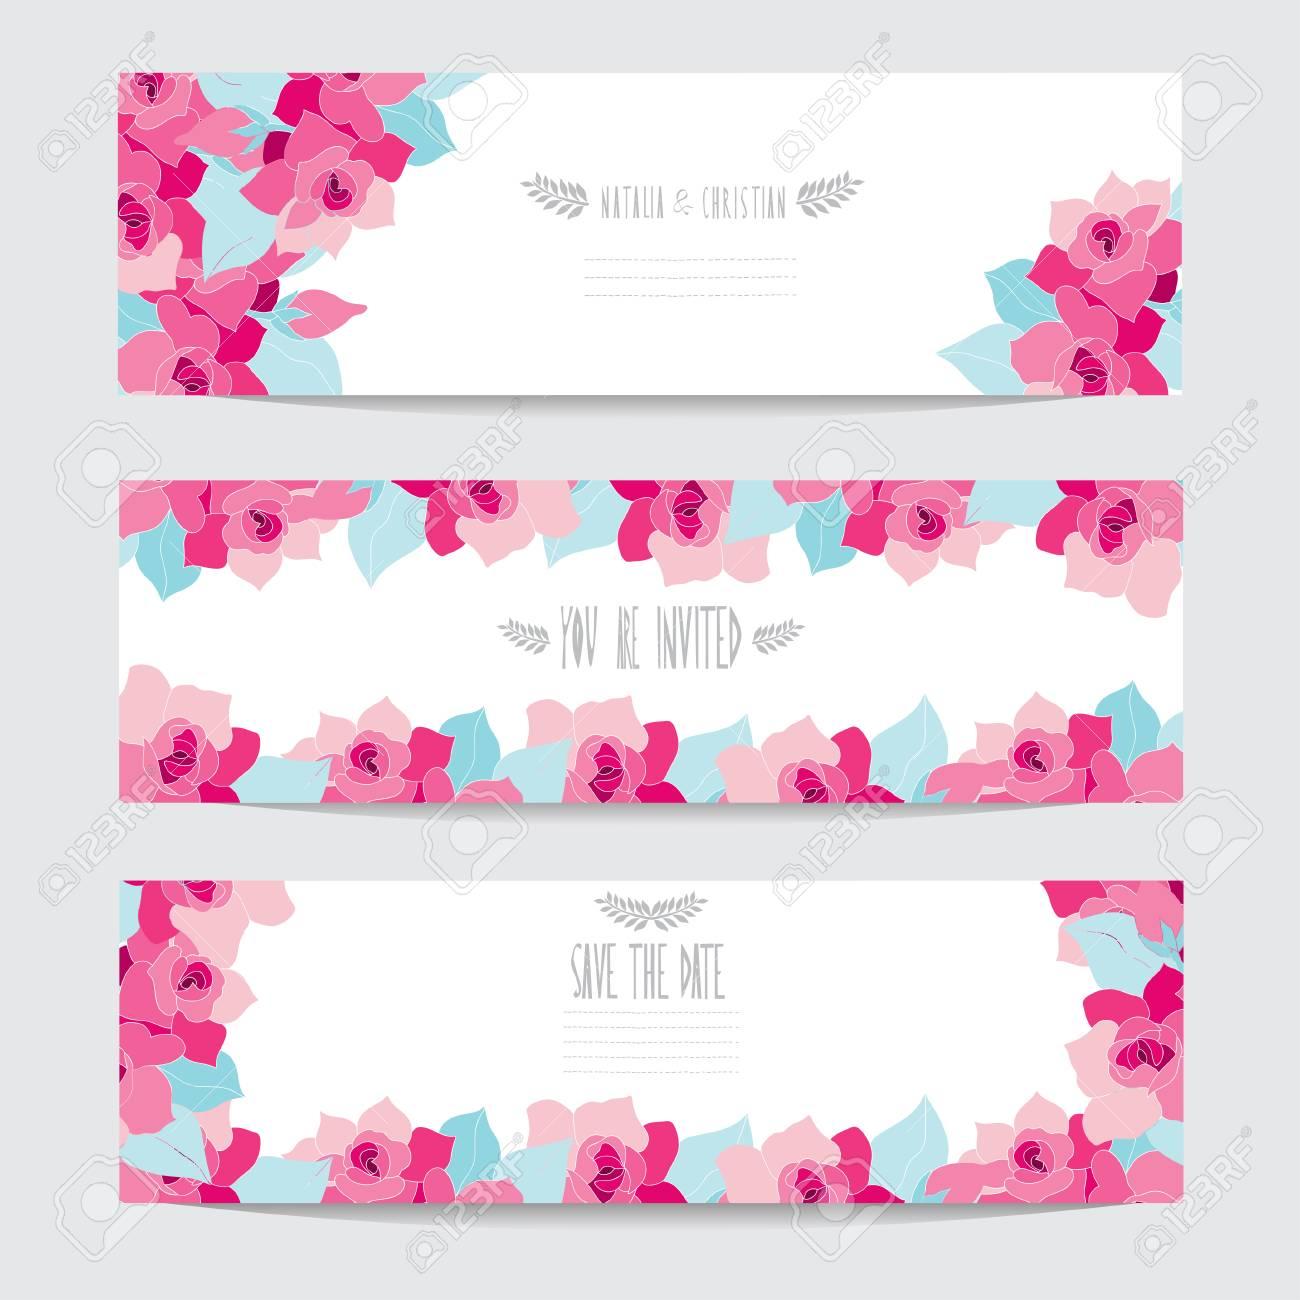 Eleganti Carte Con Fiori Gardenia Decorativi Elementi Di Design Può Essere Utilizzato Per Matrimoni Baby Shower Giorno Delle Madri Giorno Del